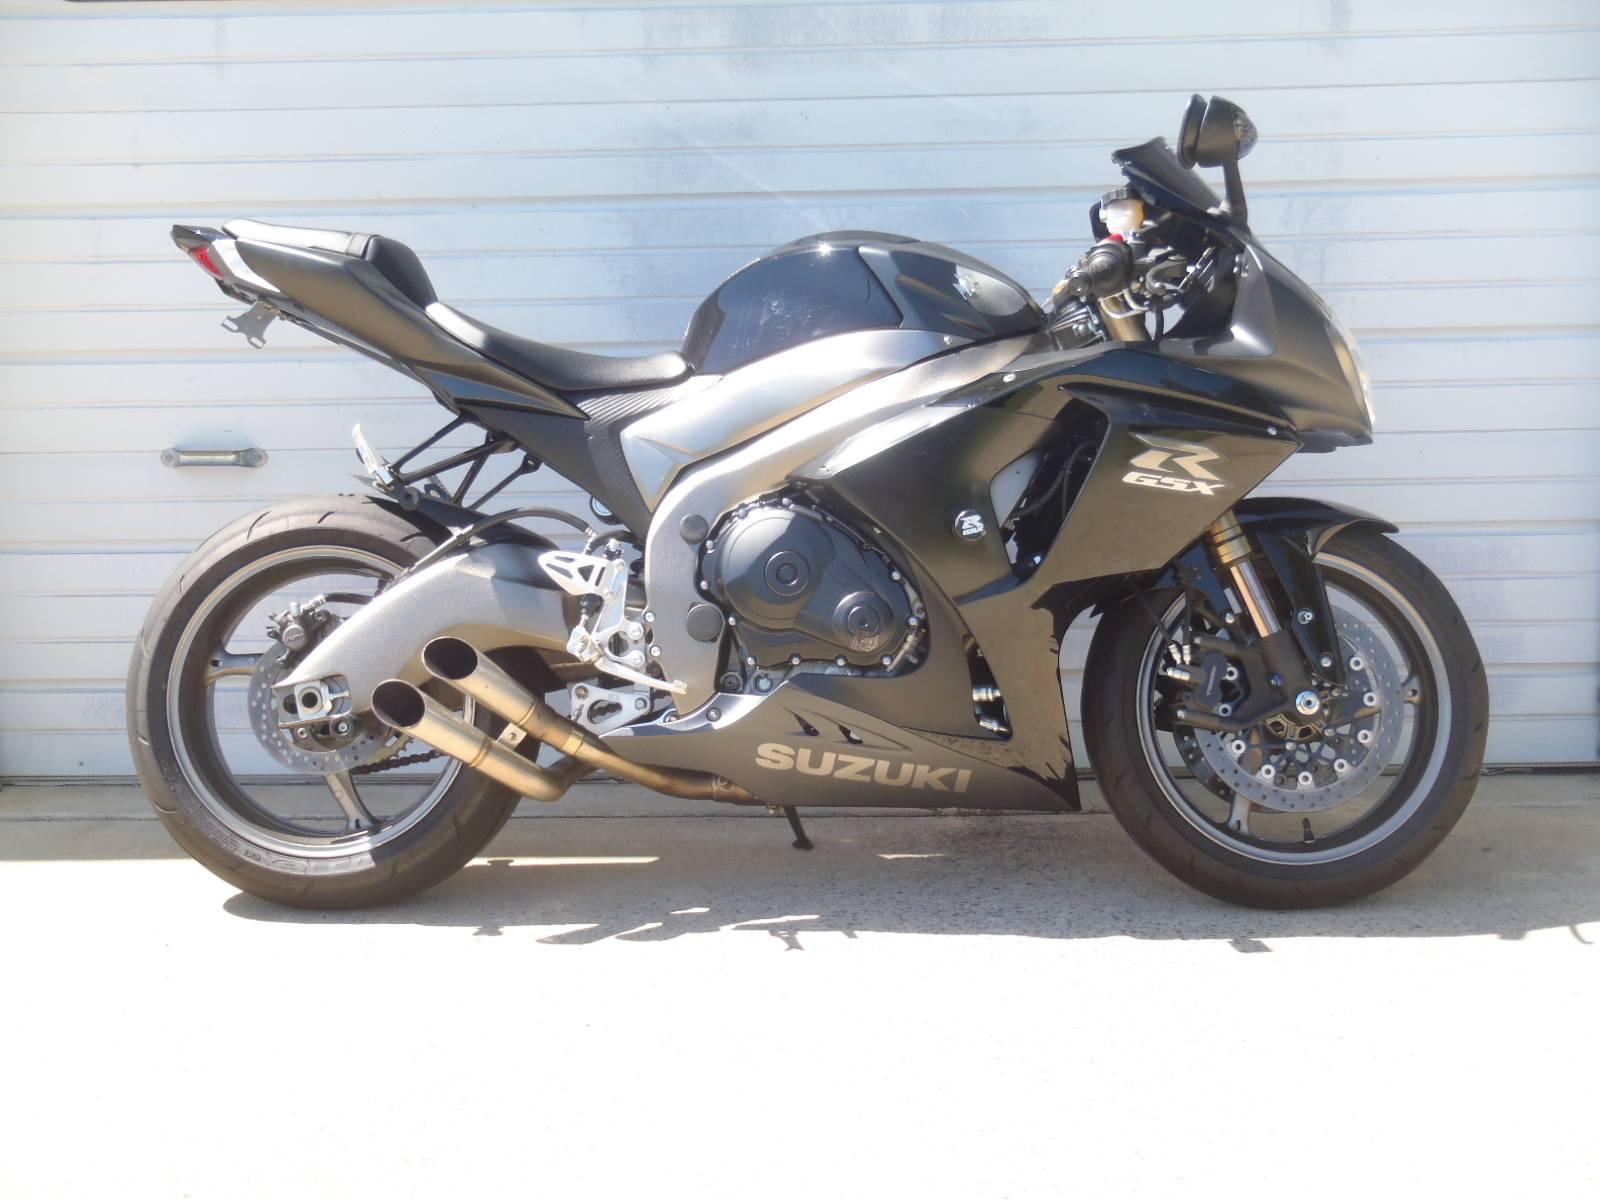 Used 2011 Suzuki GSX R1000™ Motorcycles in Sanford NC